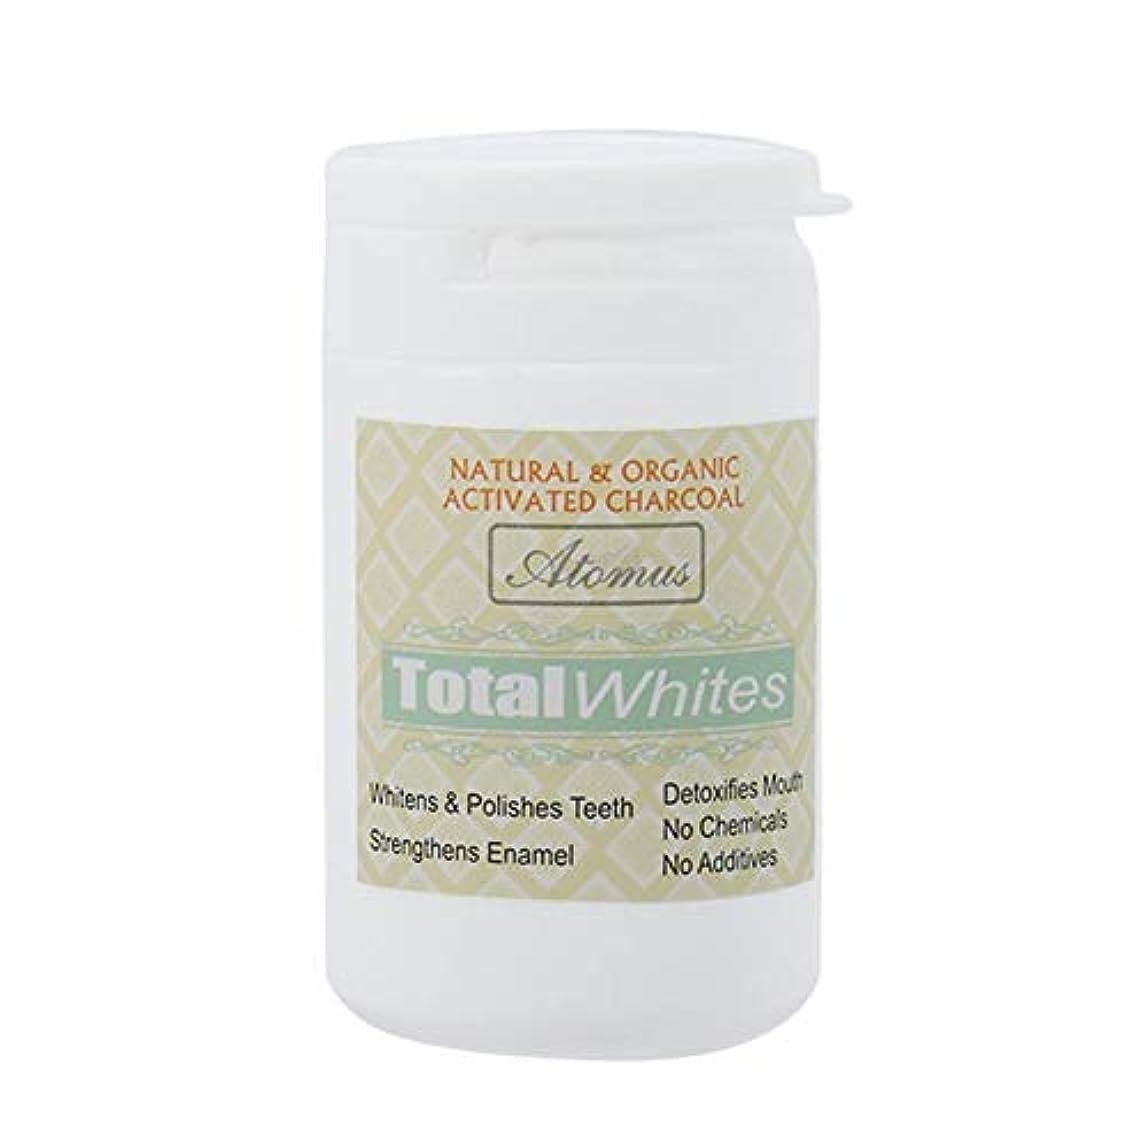 歯のホワイトニングパウダー、活性炭の歯のホワイトナーパウダー - 有機安全で効果的なホワイトナーの解決策 - ホワイトニングの歯とフレッシュな息